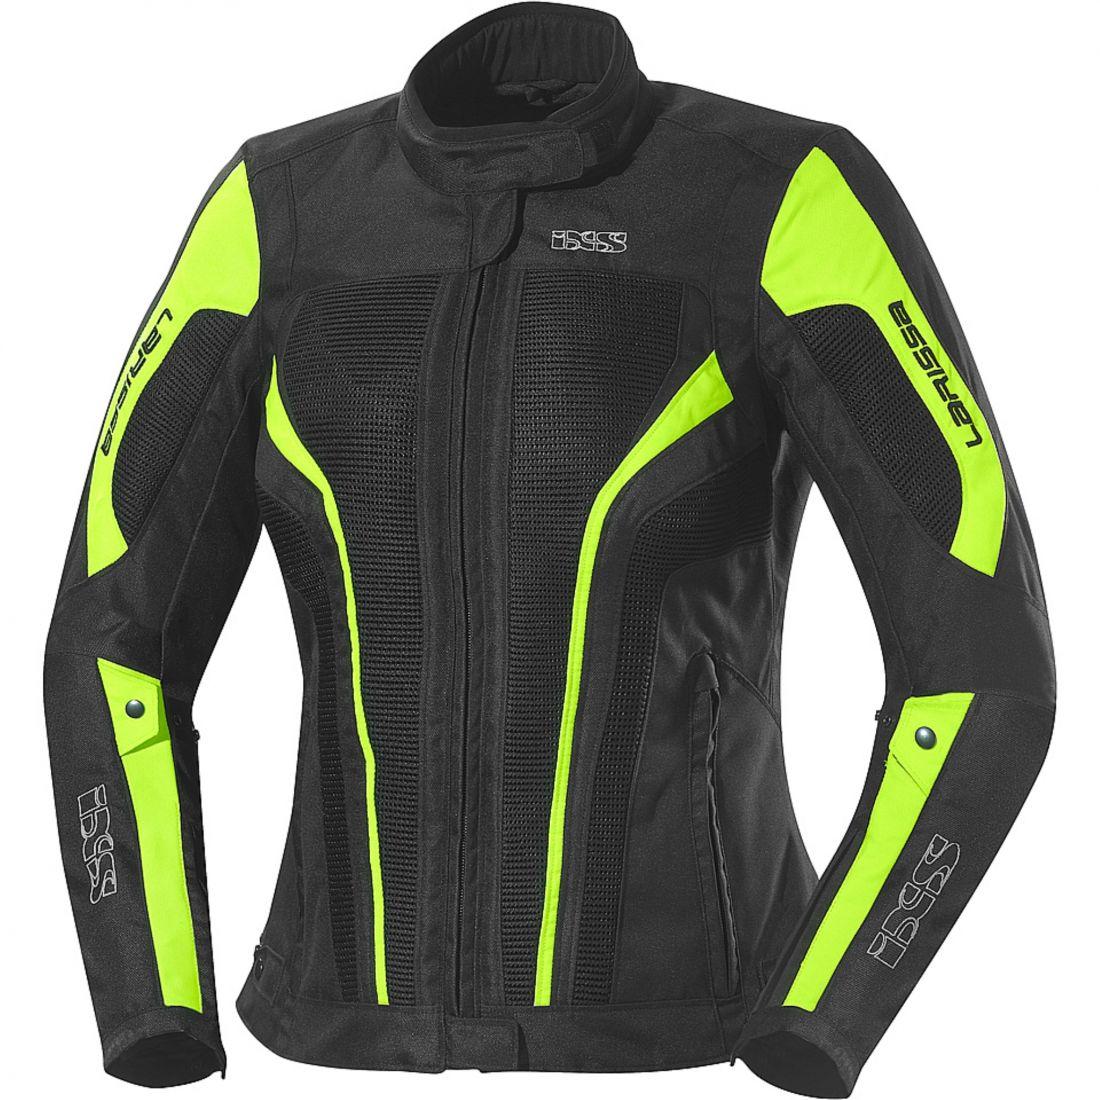 Текстильная женская куртка Larissa чёрная/флуоресцентно-желтая